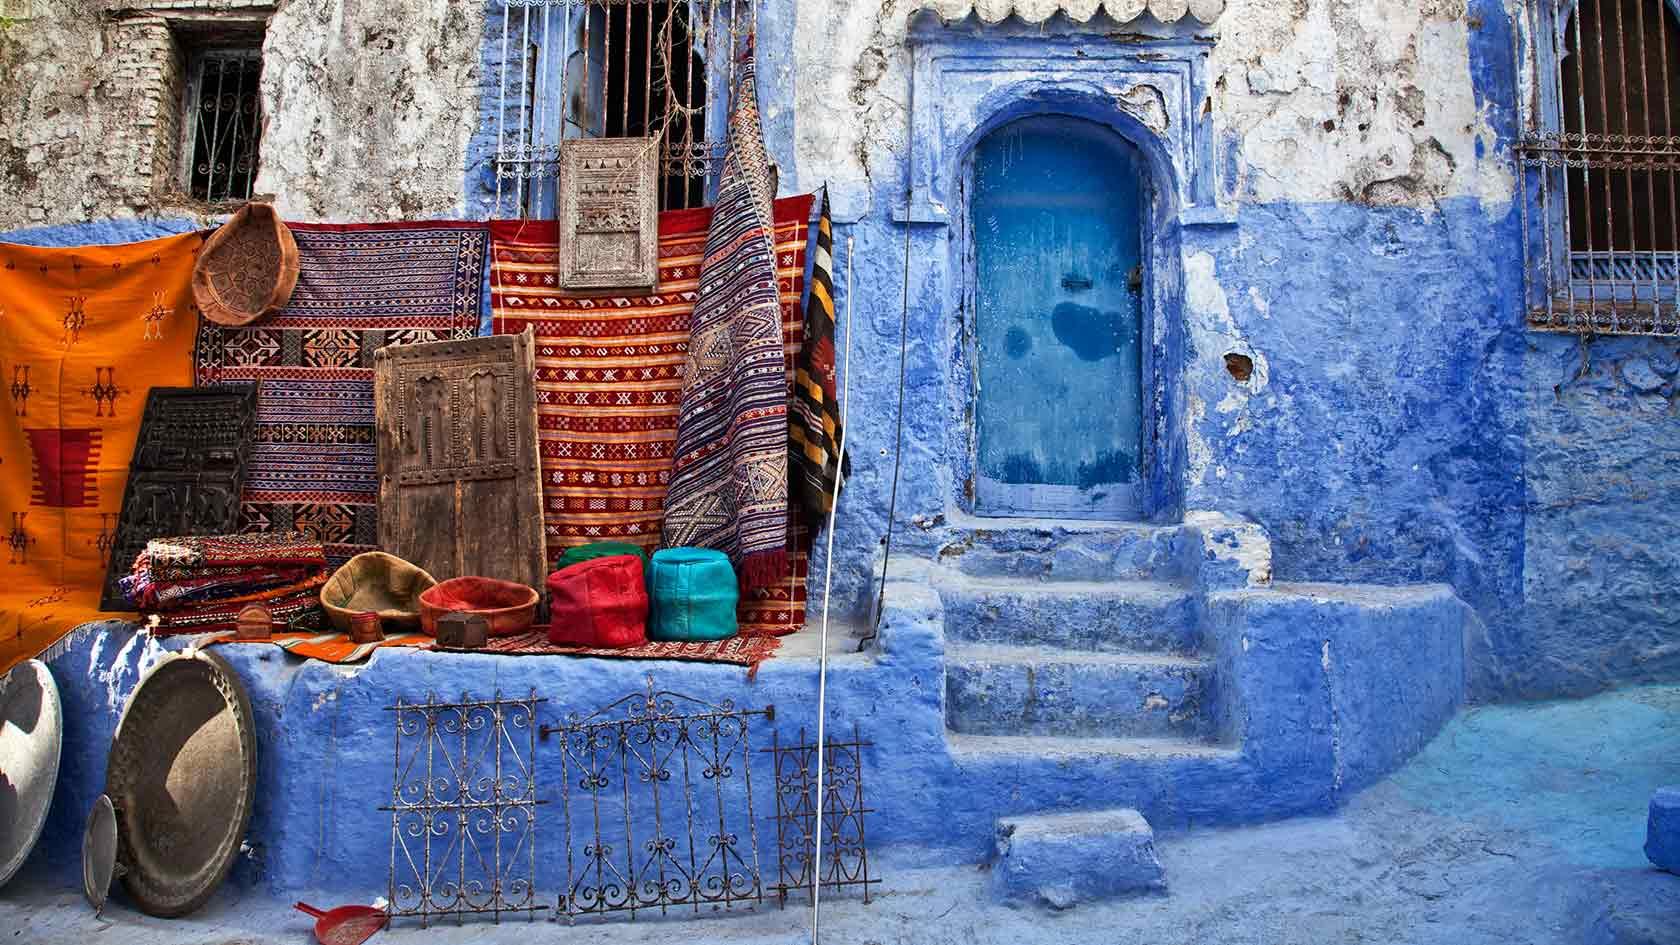 Marrakech and Sahara Desert retreat